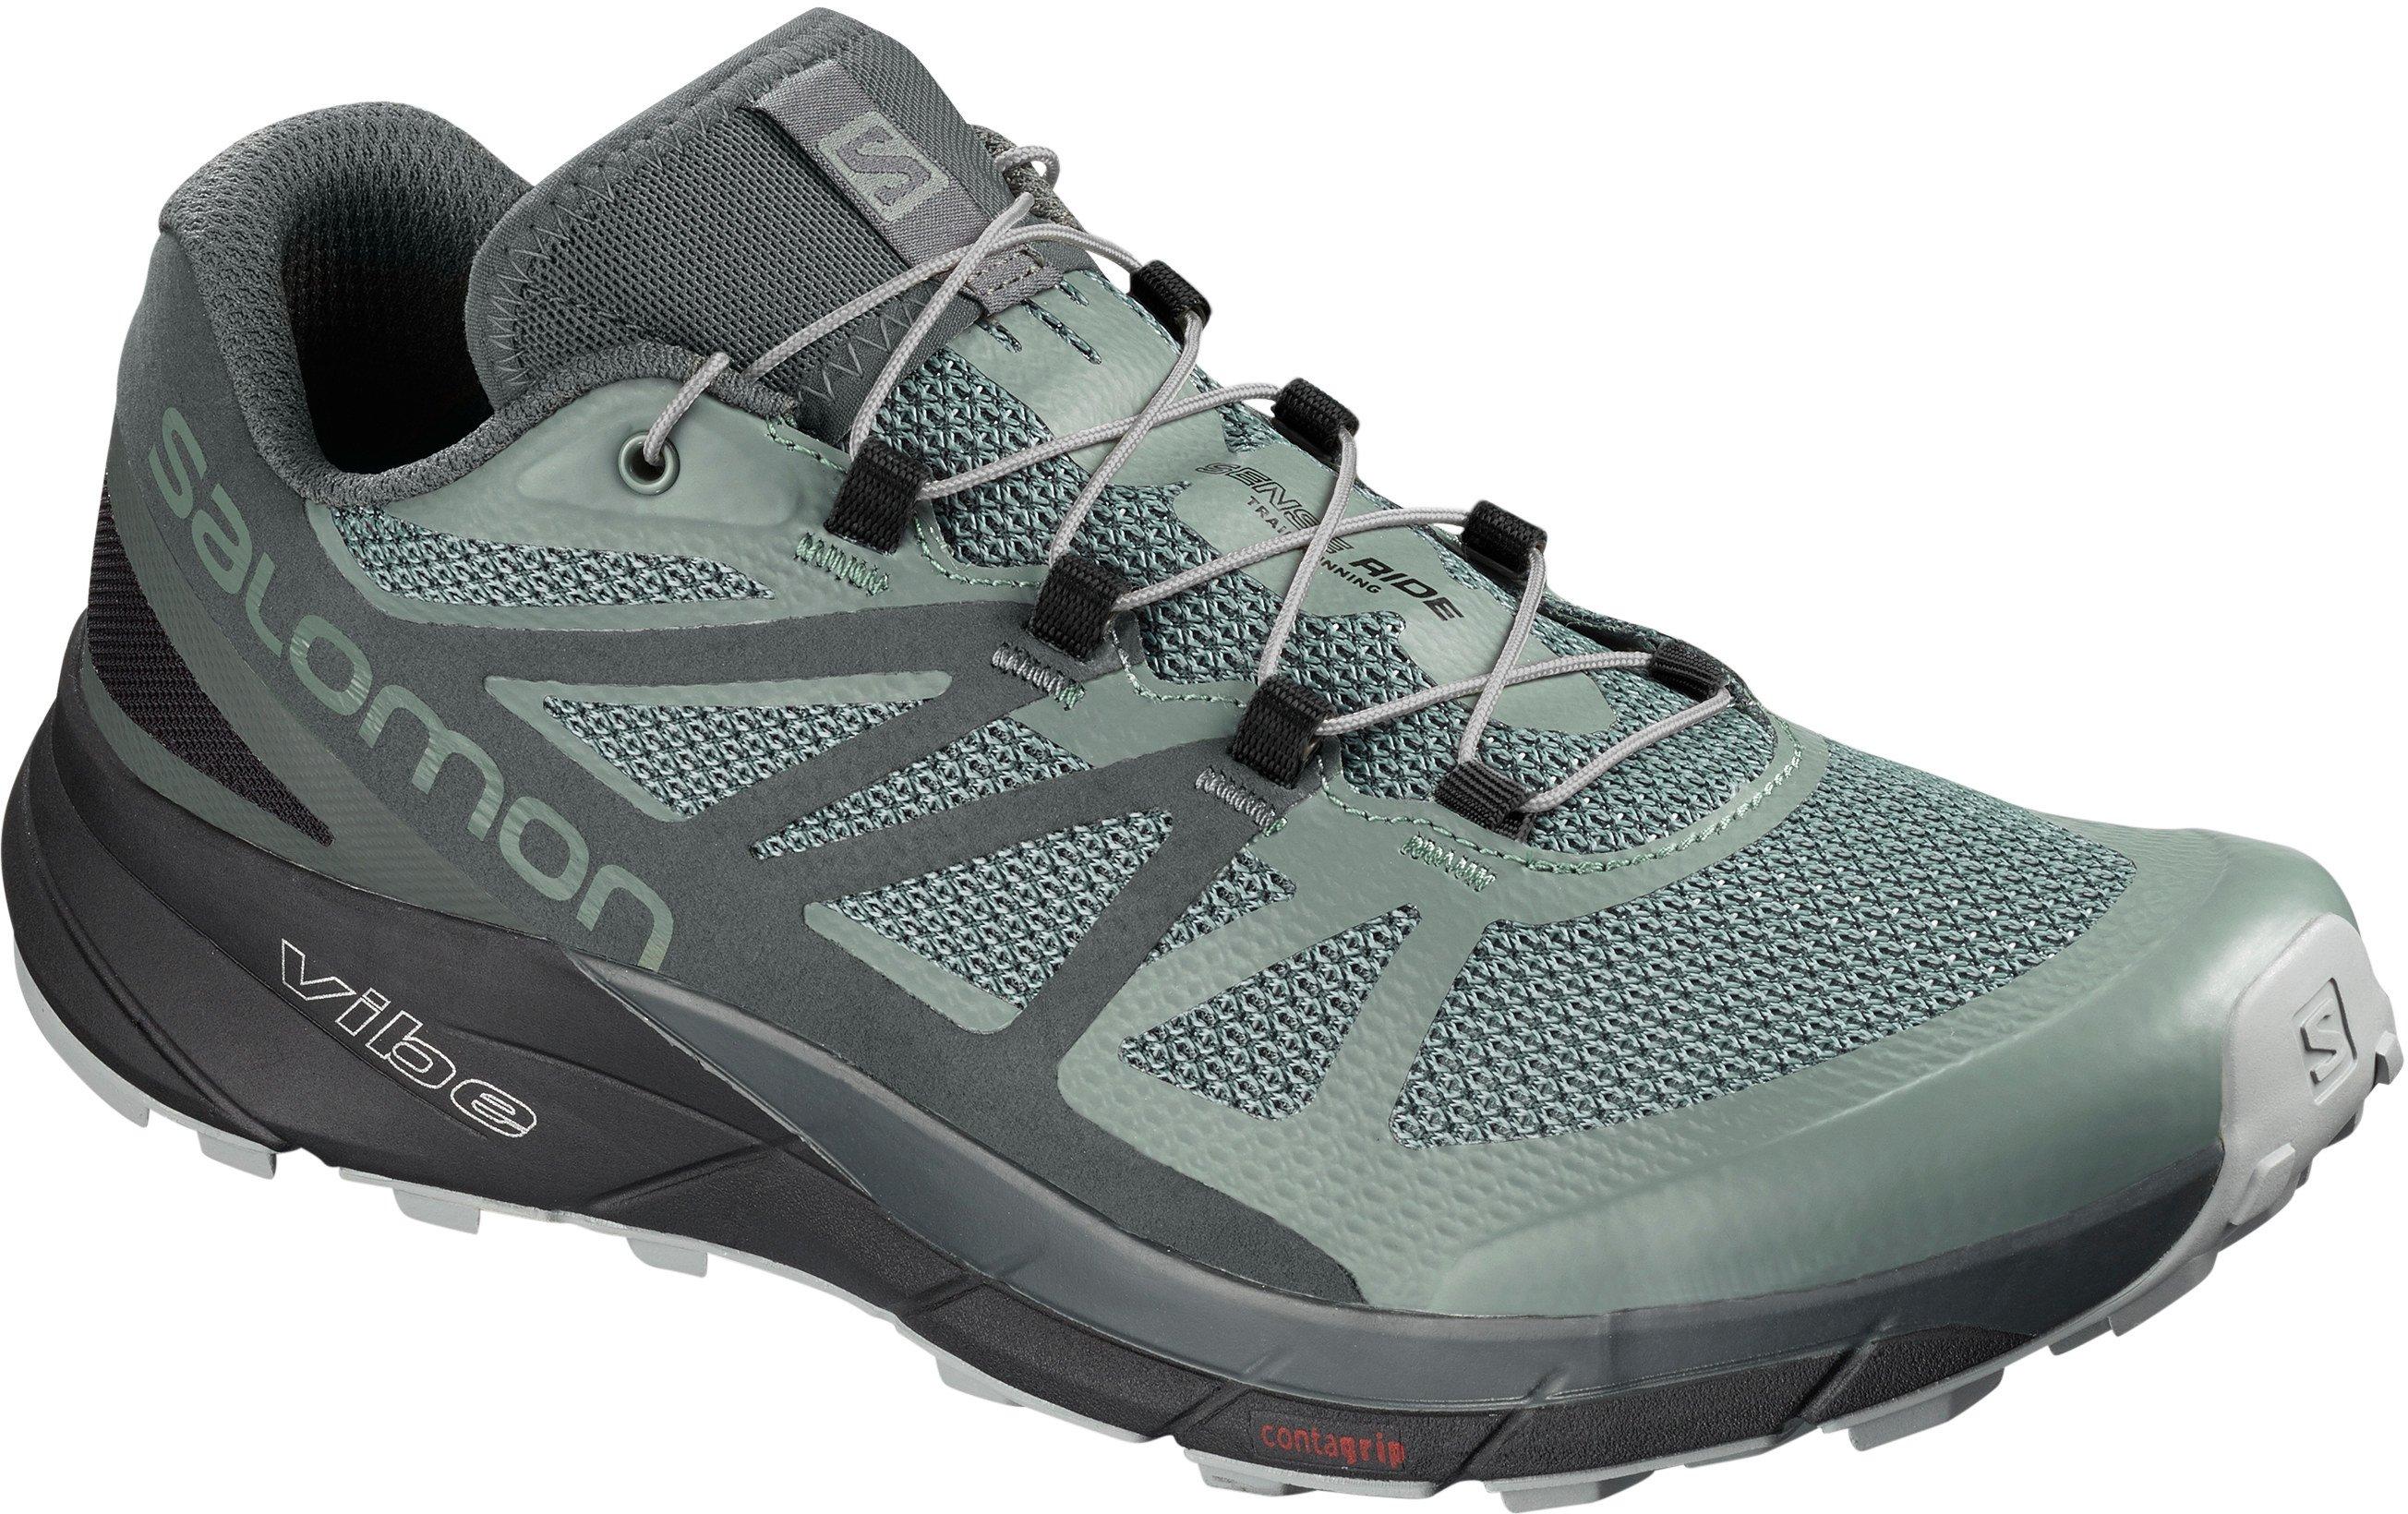 Trailové boty Salomon SENSE RIDE GTX l40612100 - Glami.cz 3dc2b58619